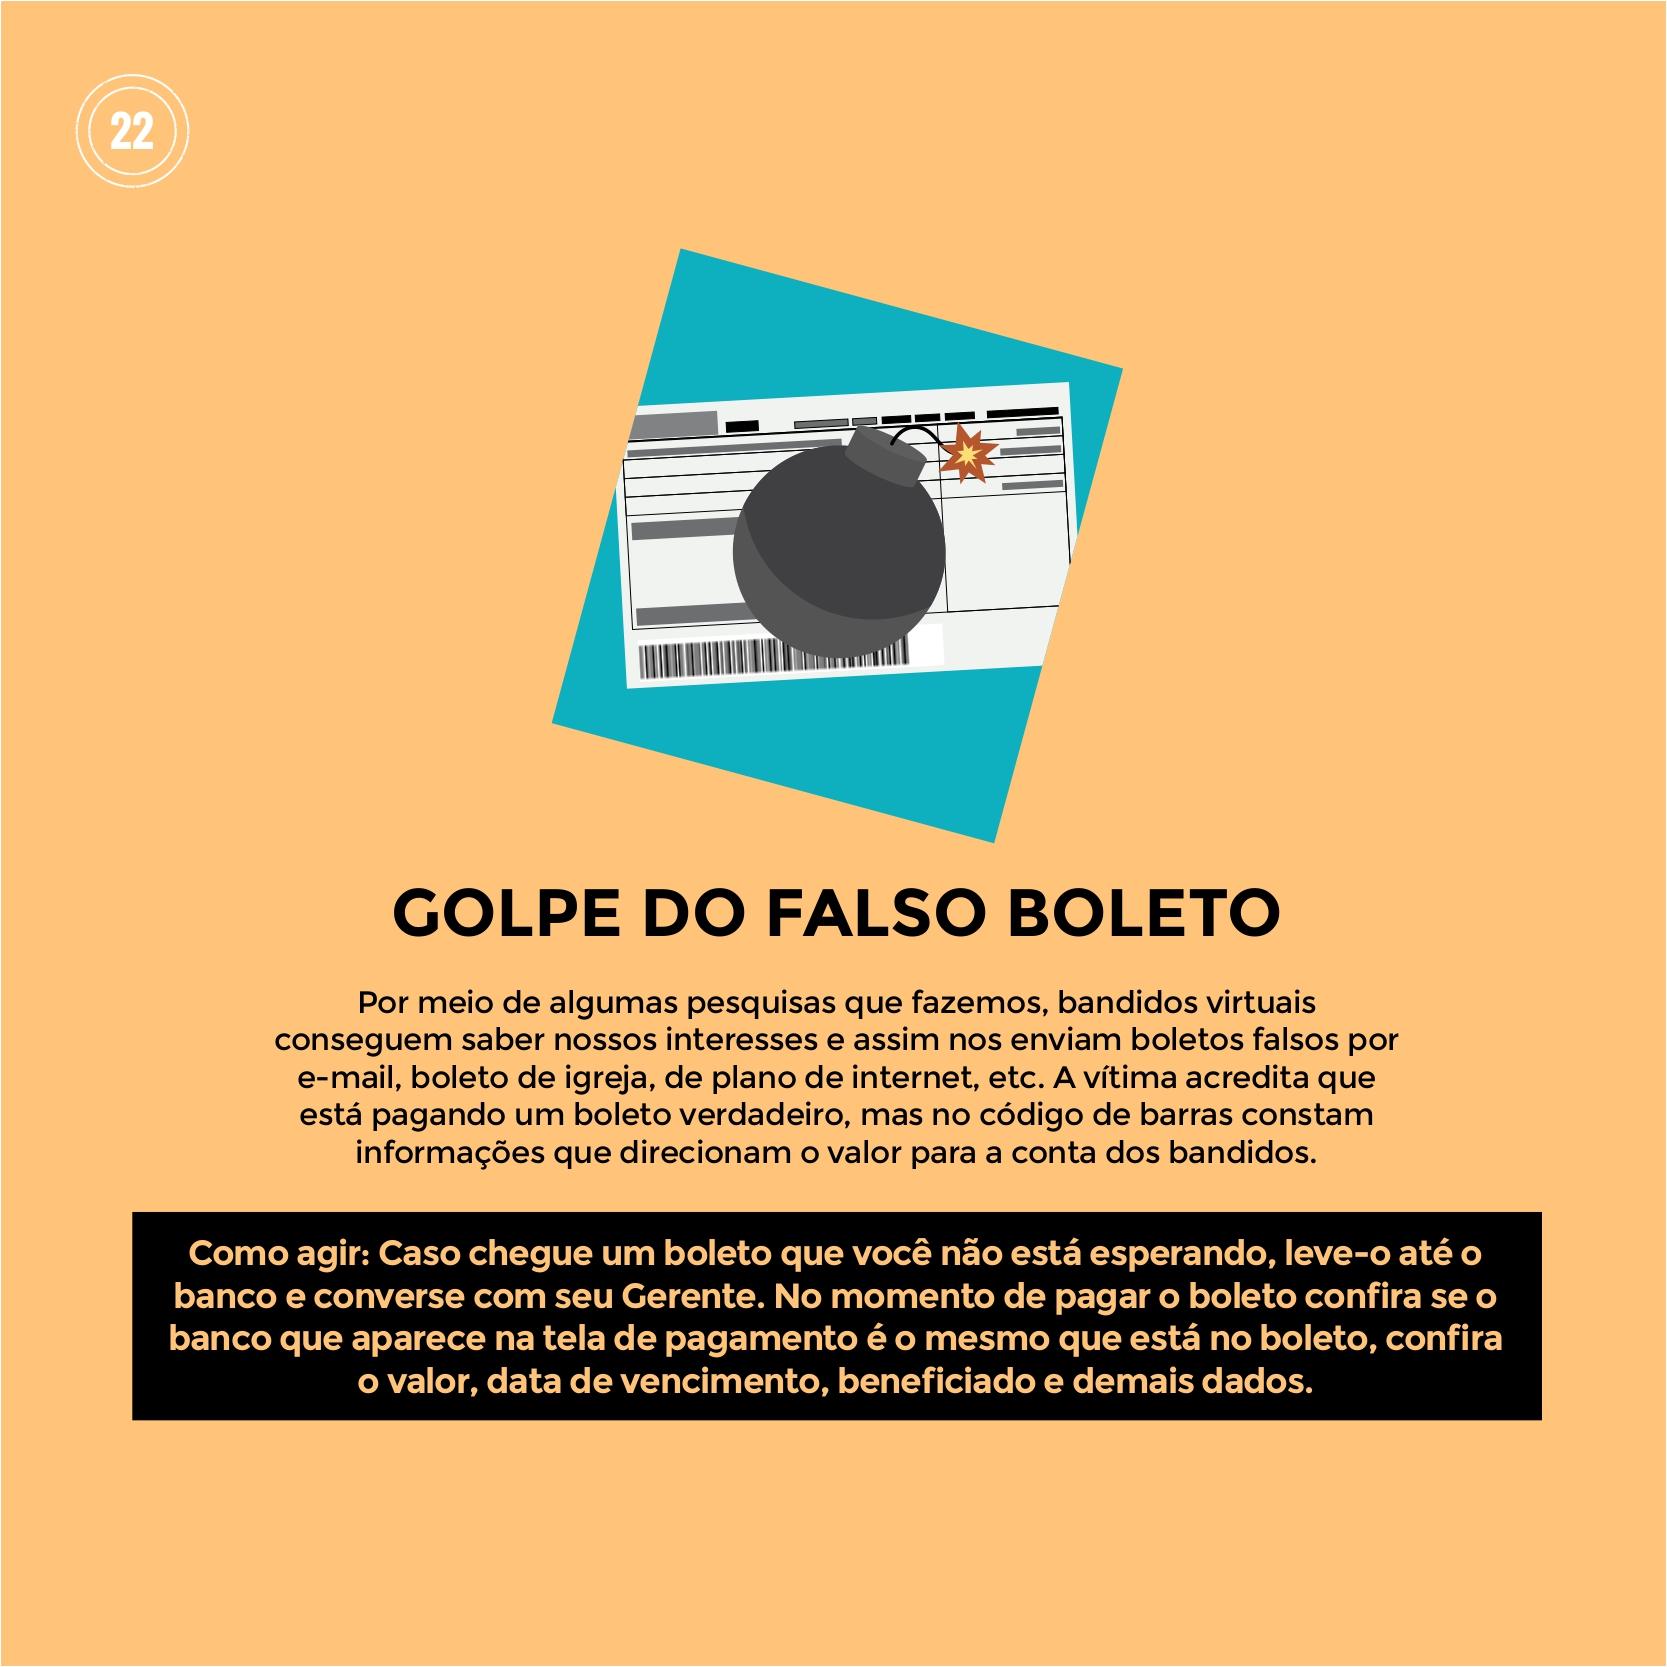 """Polícia Militar dá dicas sobre """"GOLPE DO FALSO BOLETO"""""""